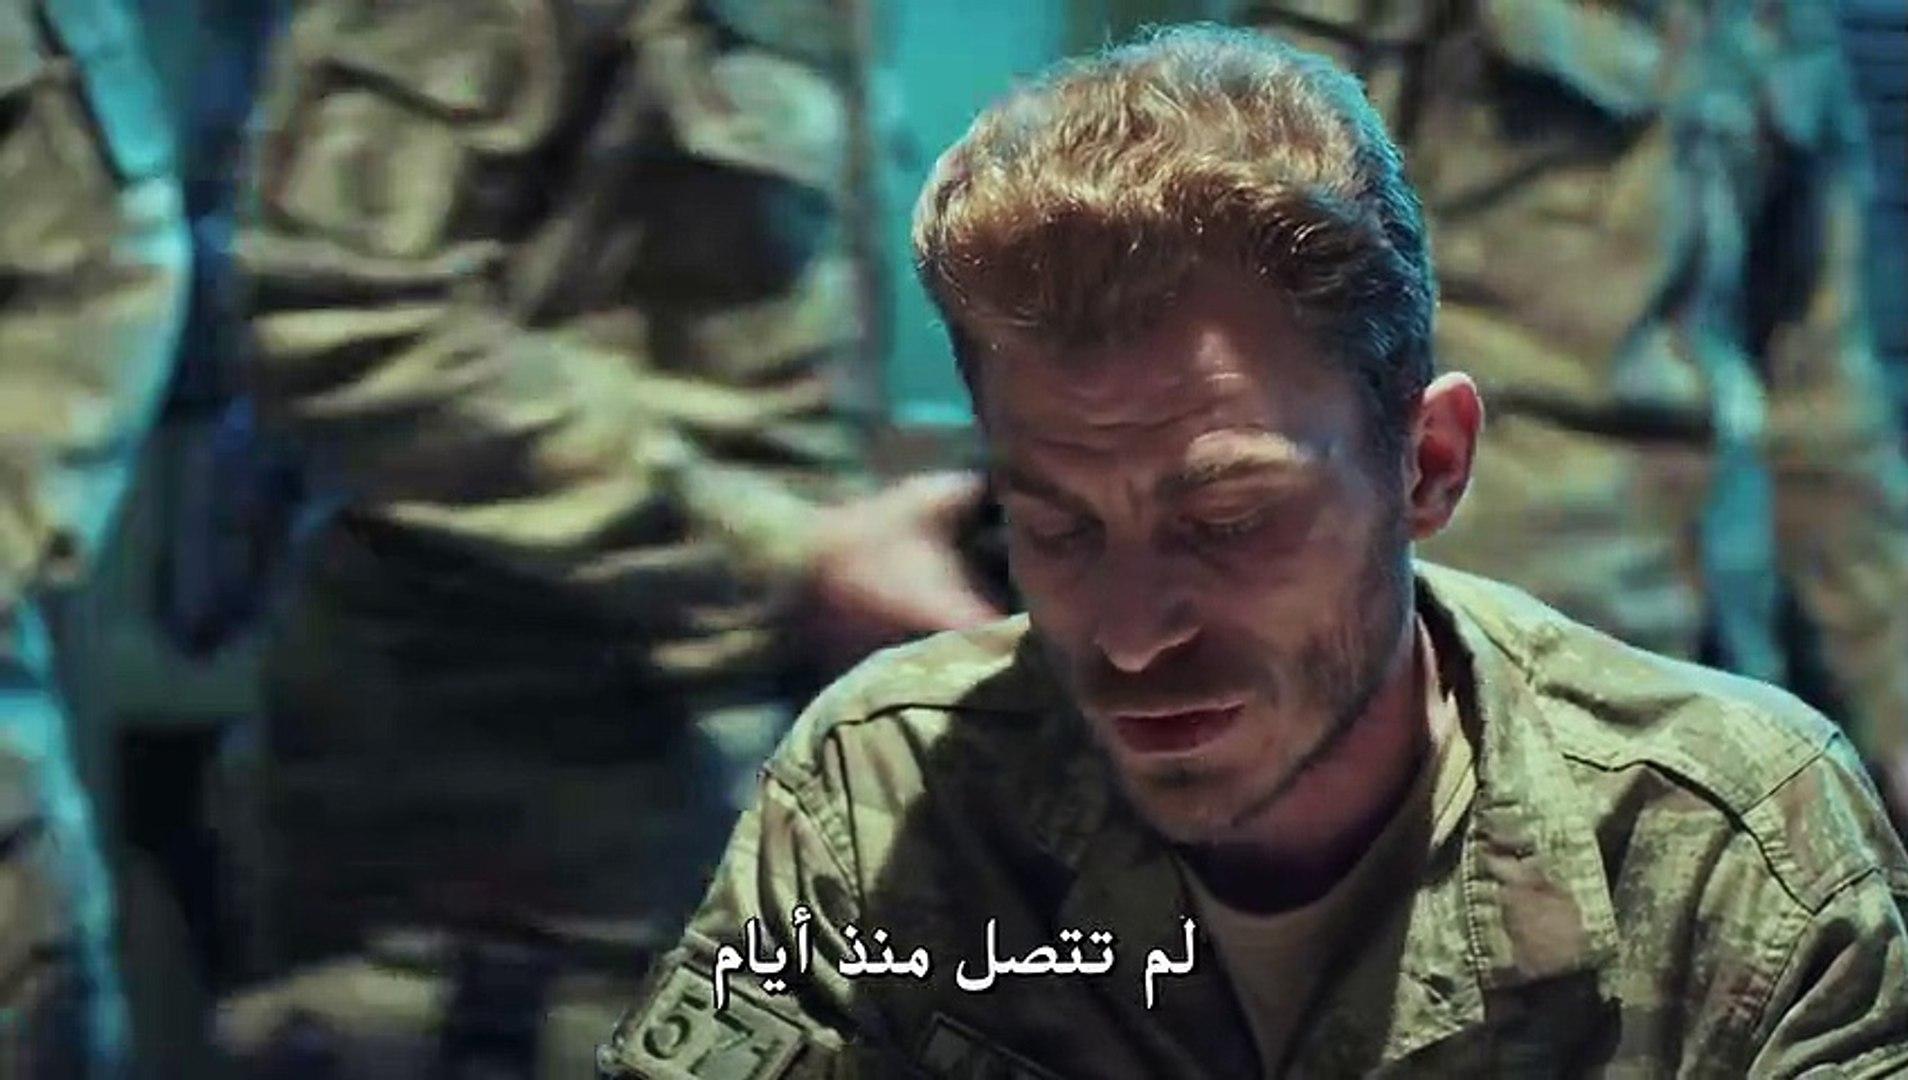 مسلسل العهد الموسم الثالث الحلقة 7 كاملة القسم 2 مترجمة للعربية